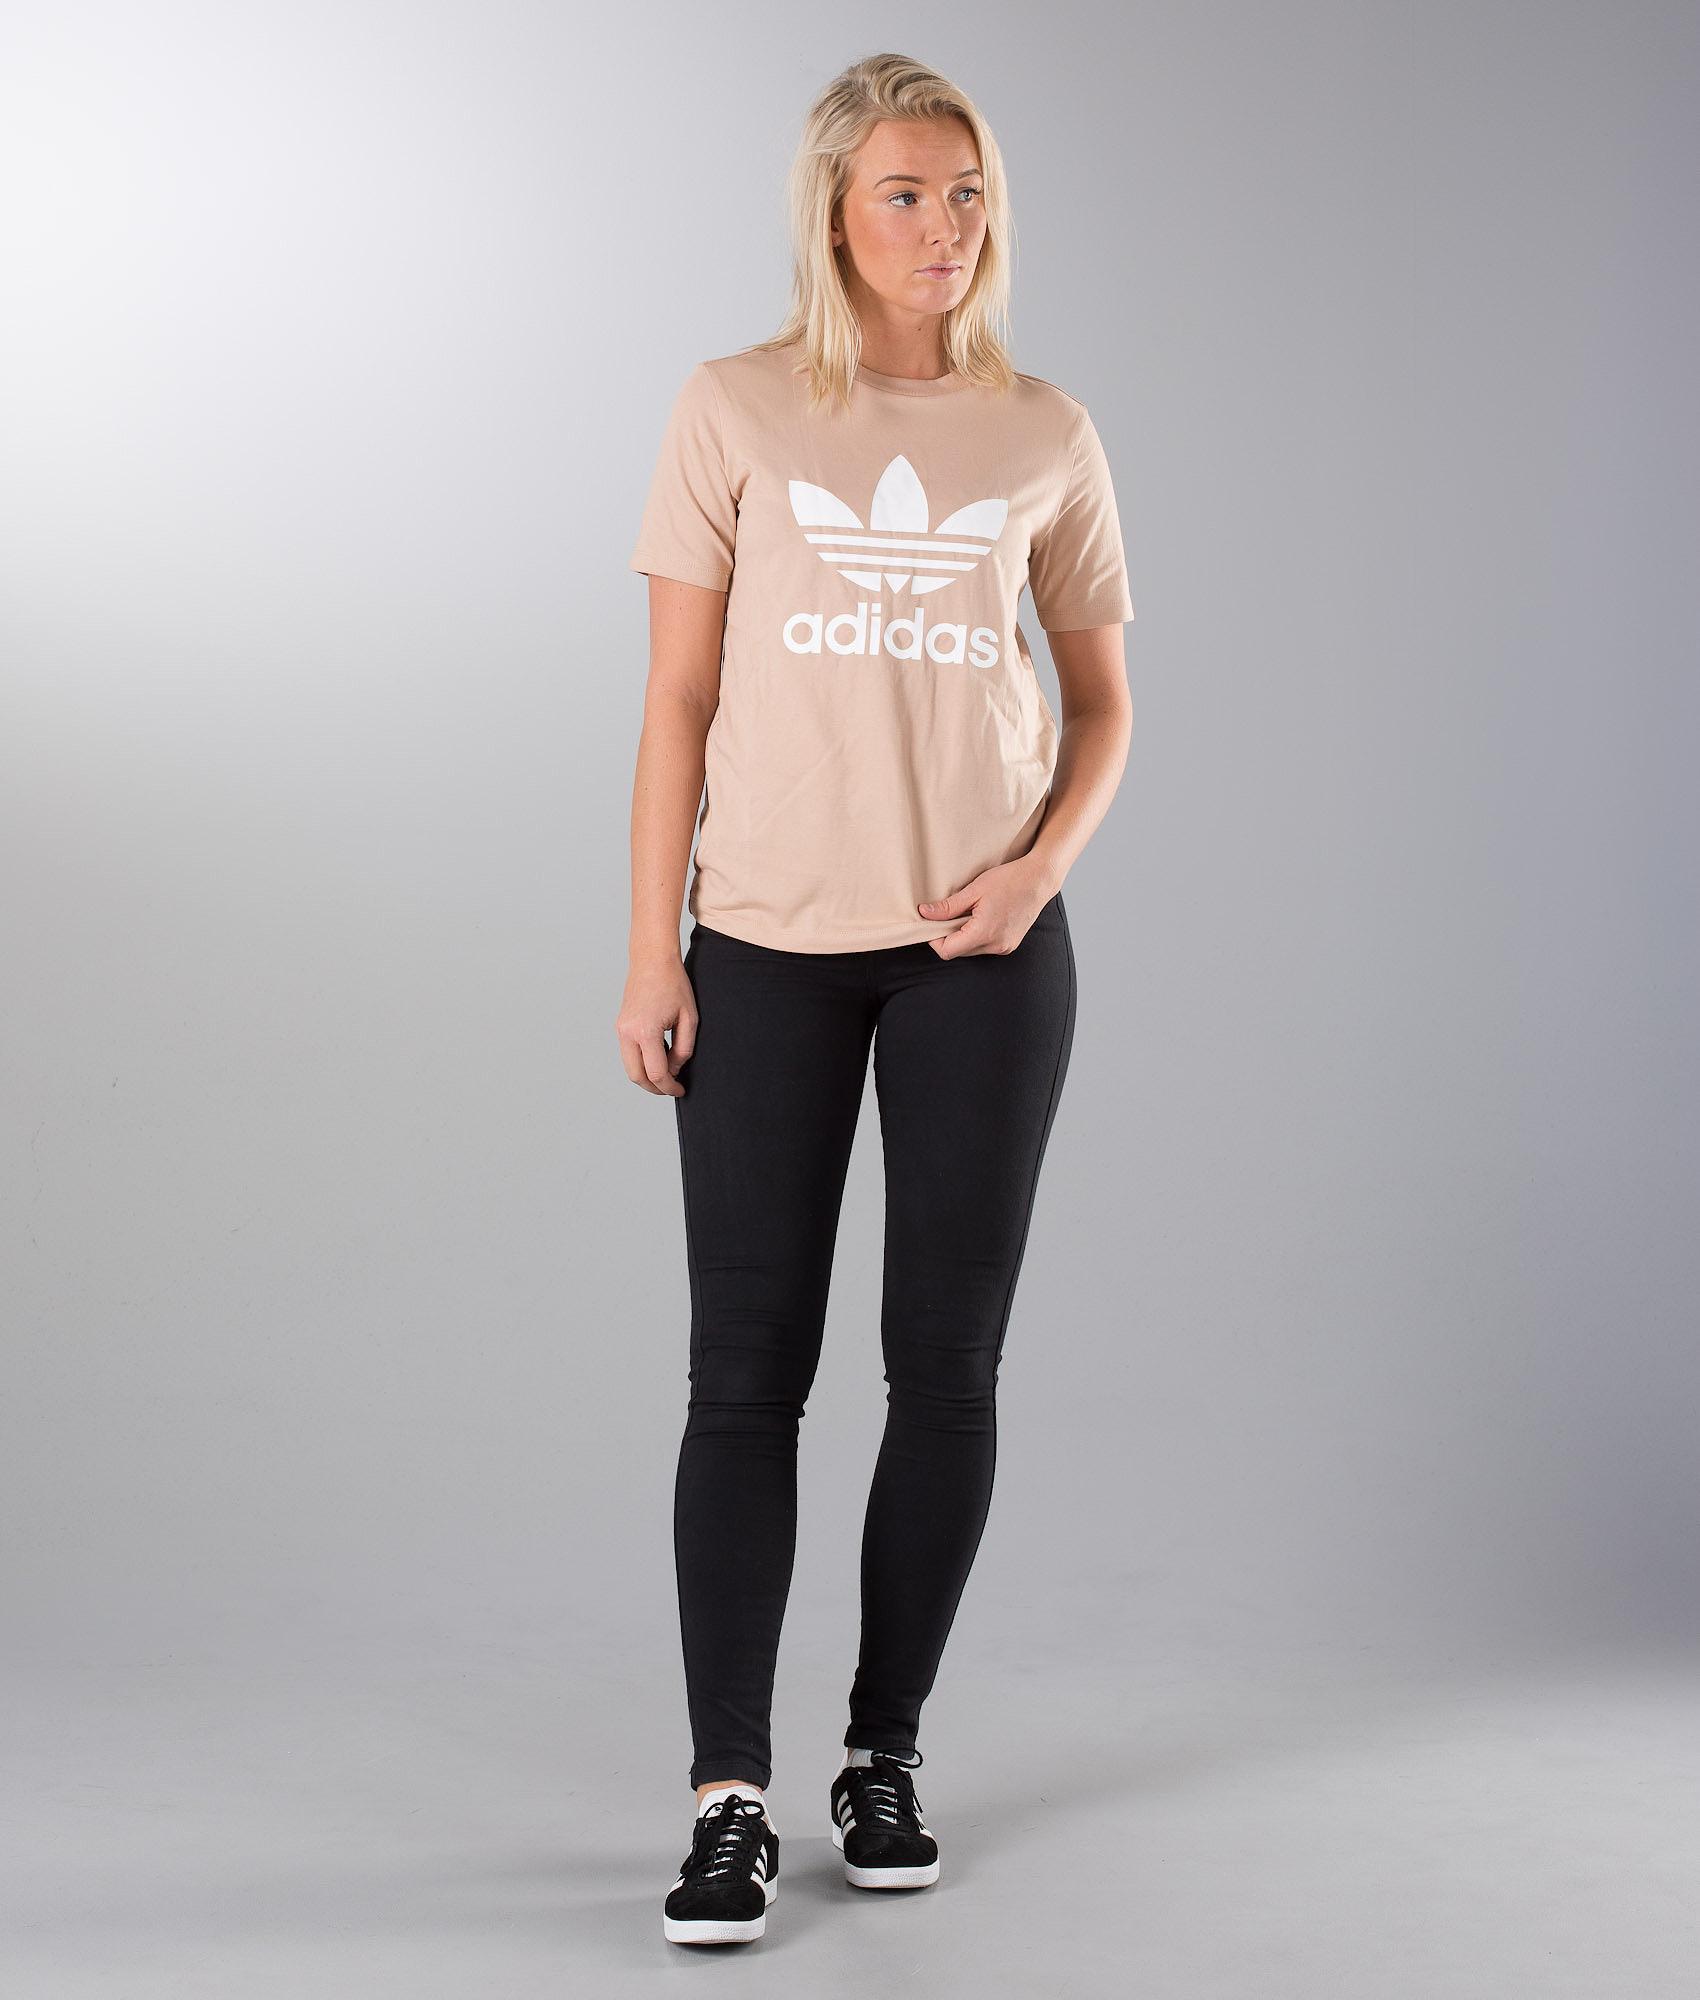 d24e1c63 Adidas Originals Trefoil T-shirt Ash Pearl/White - Ridestore.com